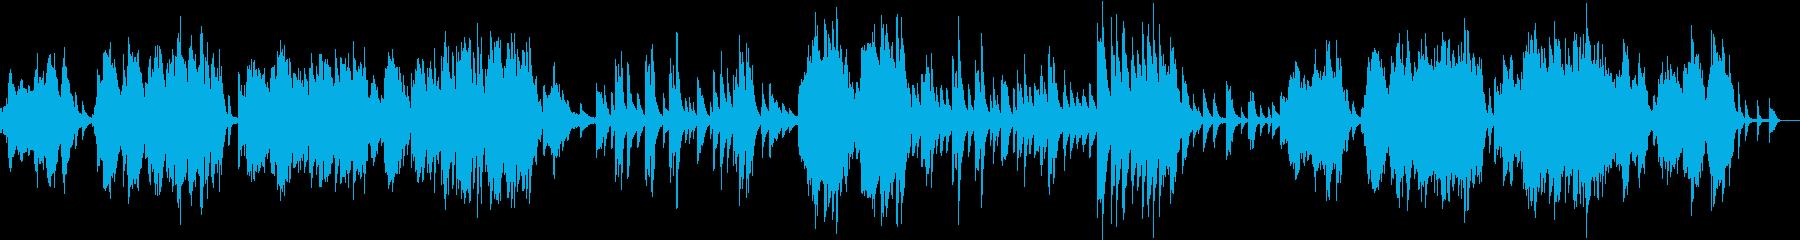 ドビュッシー 2つのアラベスク 第1番の再生済みの波形